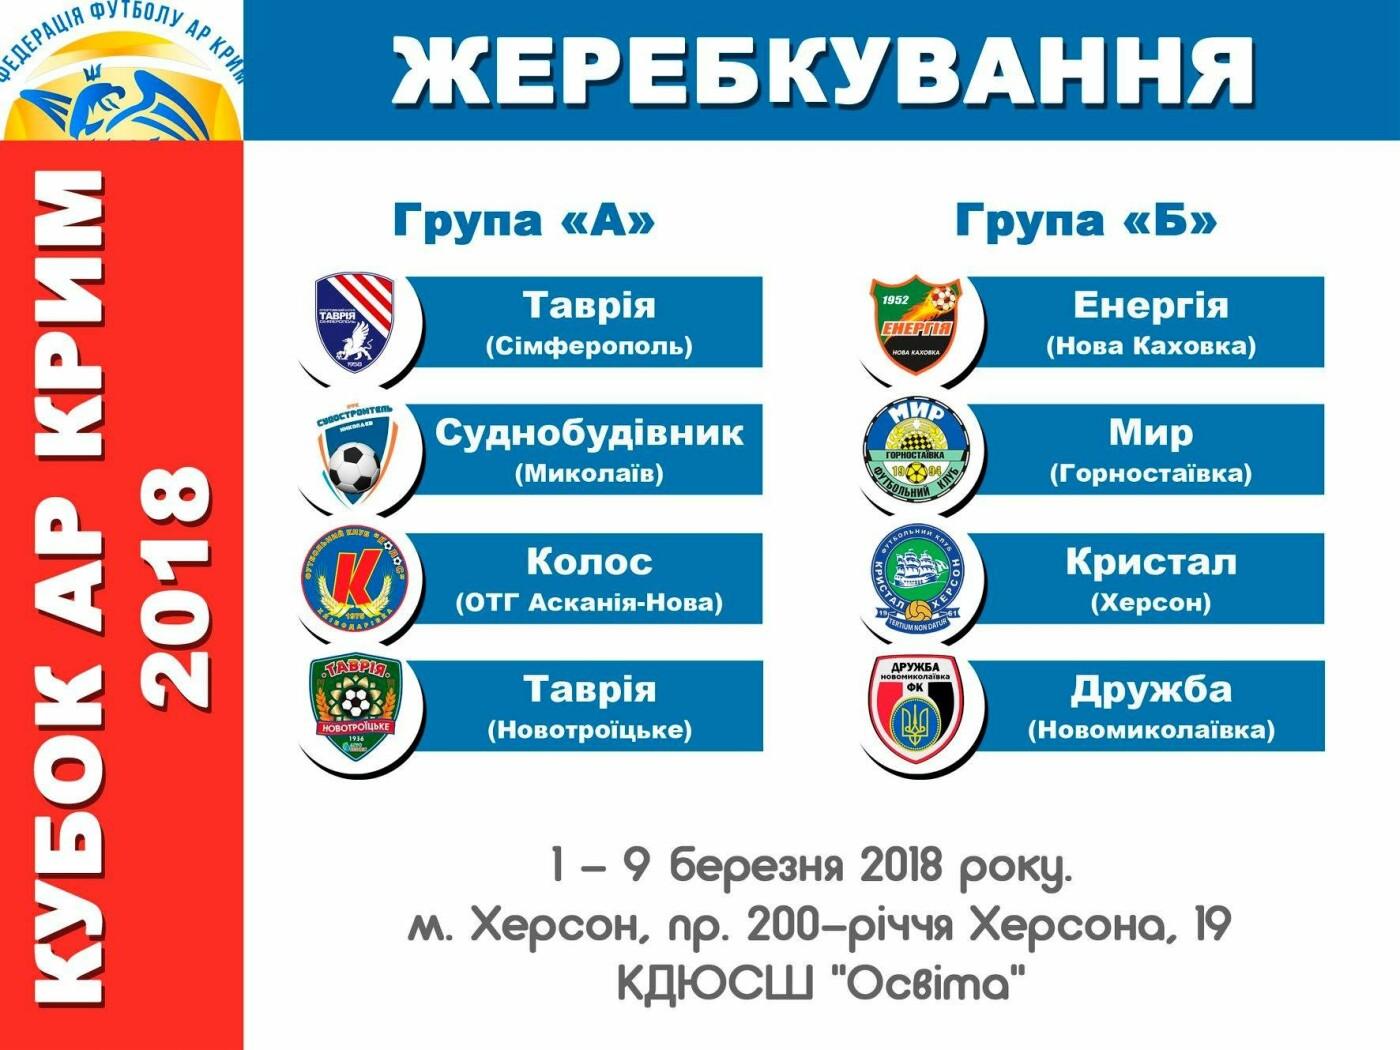 В Херсоне состоялась жеребьевка Кубка АР Крым по футболу, фото-1